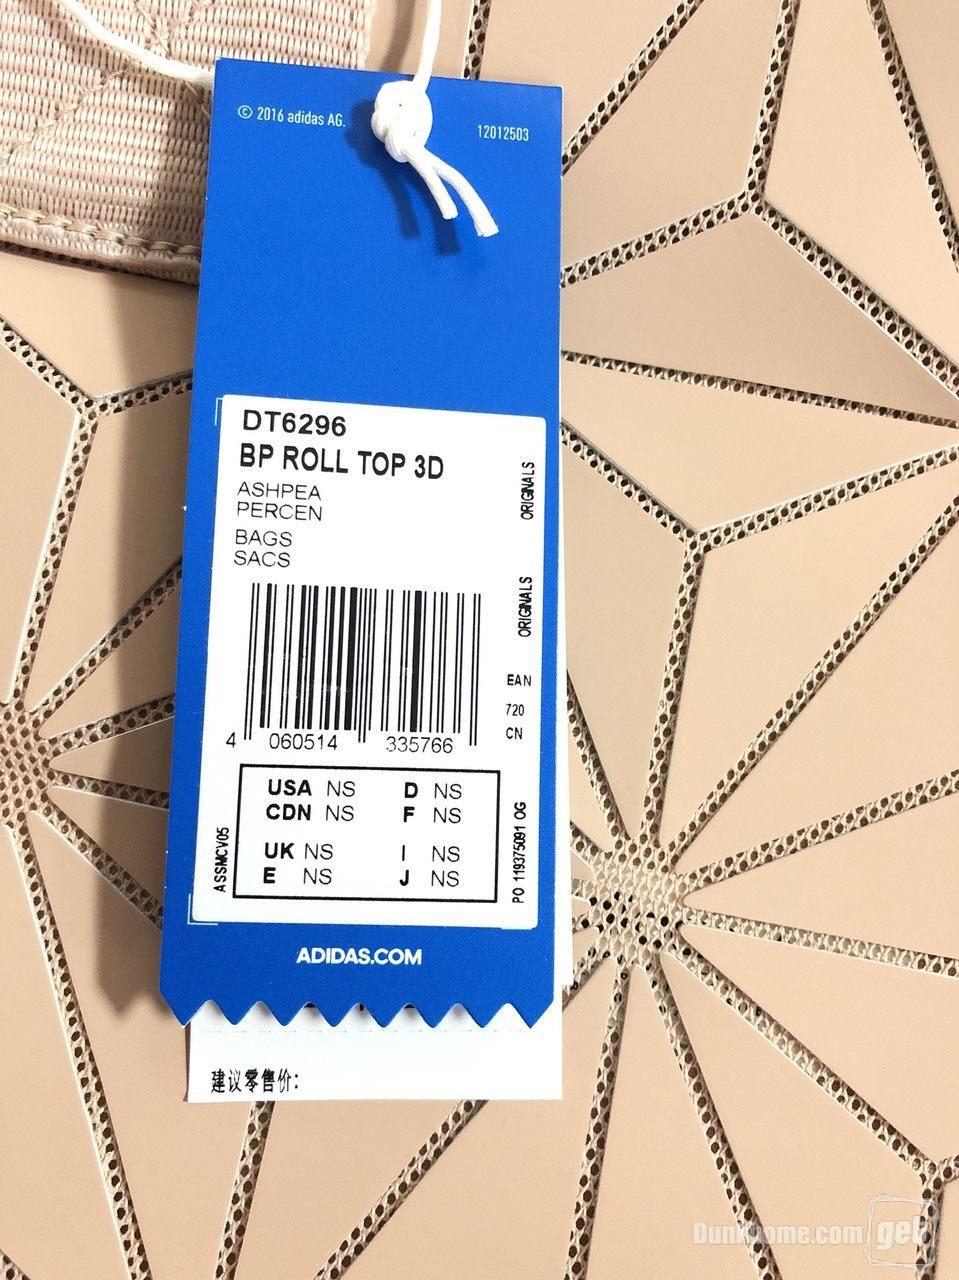 870dde7eaa adidas DT6296 BP ROLL TOP 3D